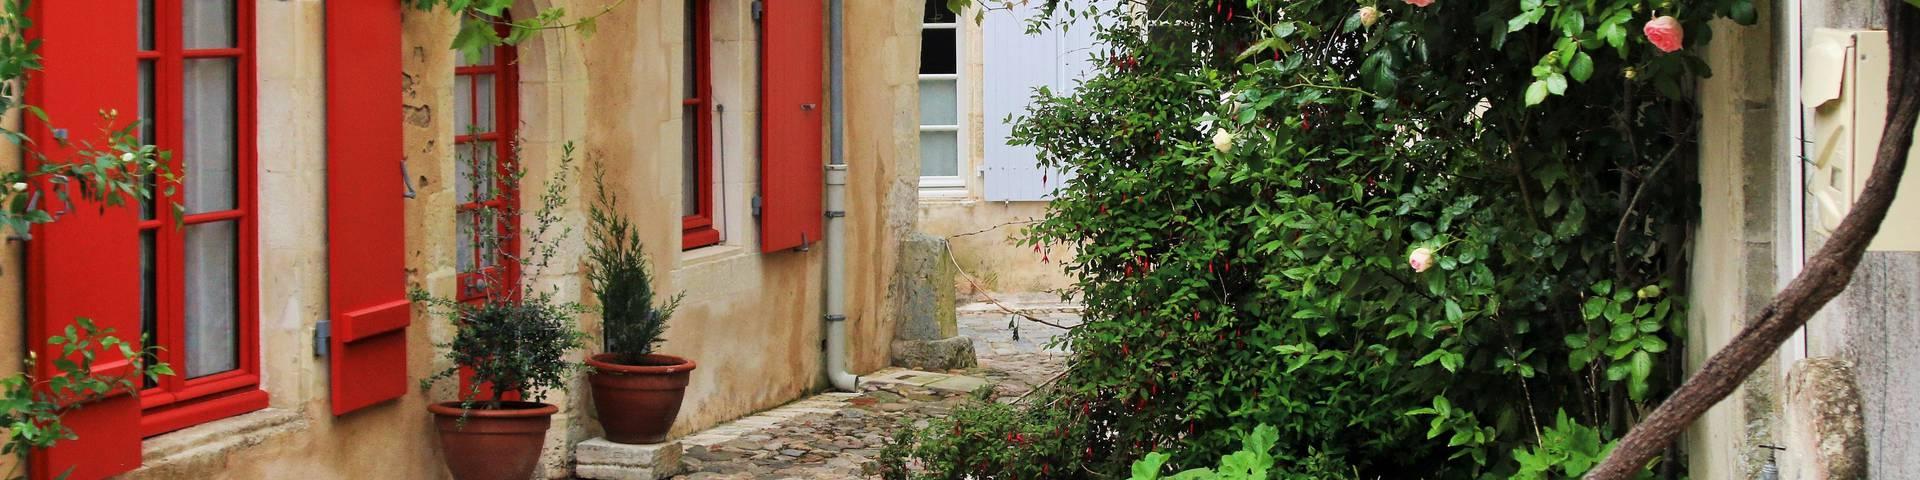 Guesthouses in Saint-Martin-de-Ré by Lesley Williamson